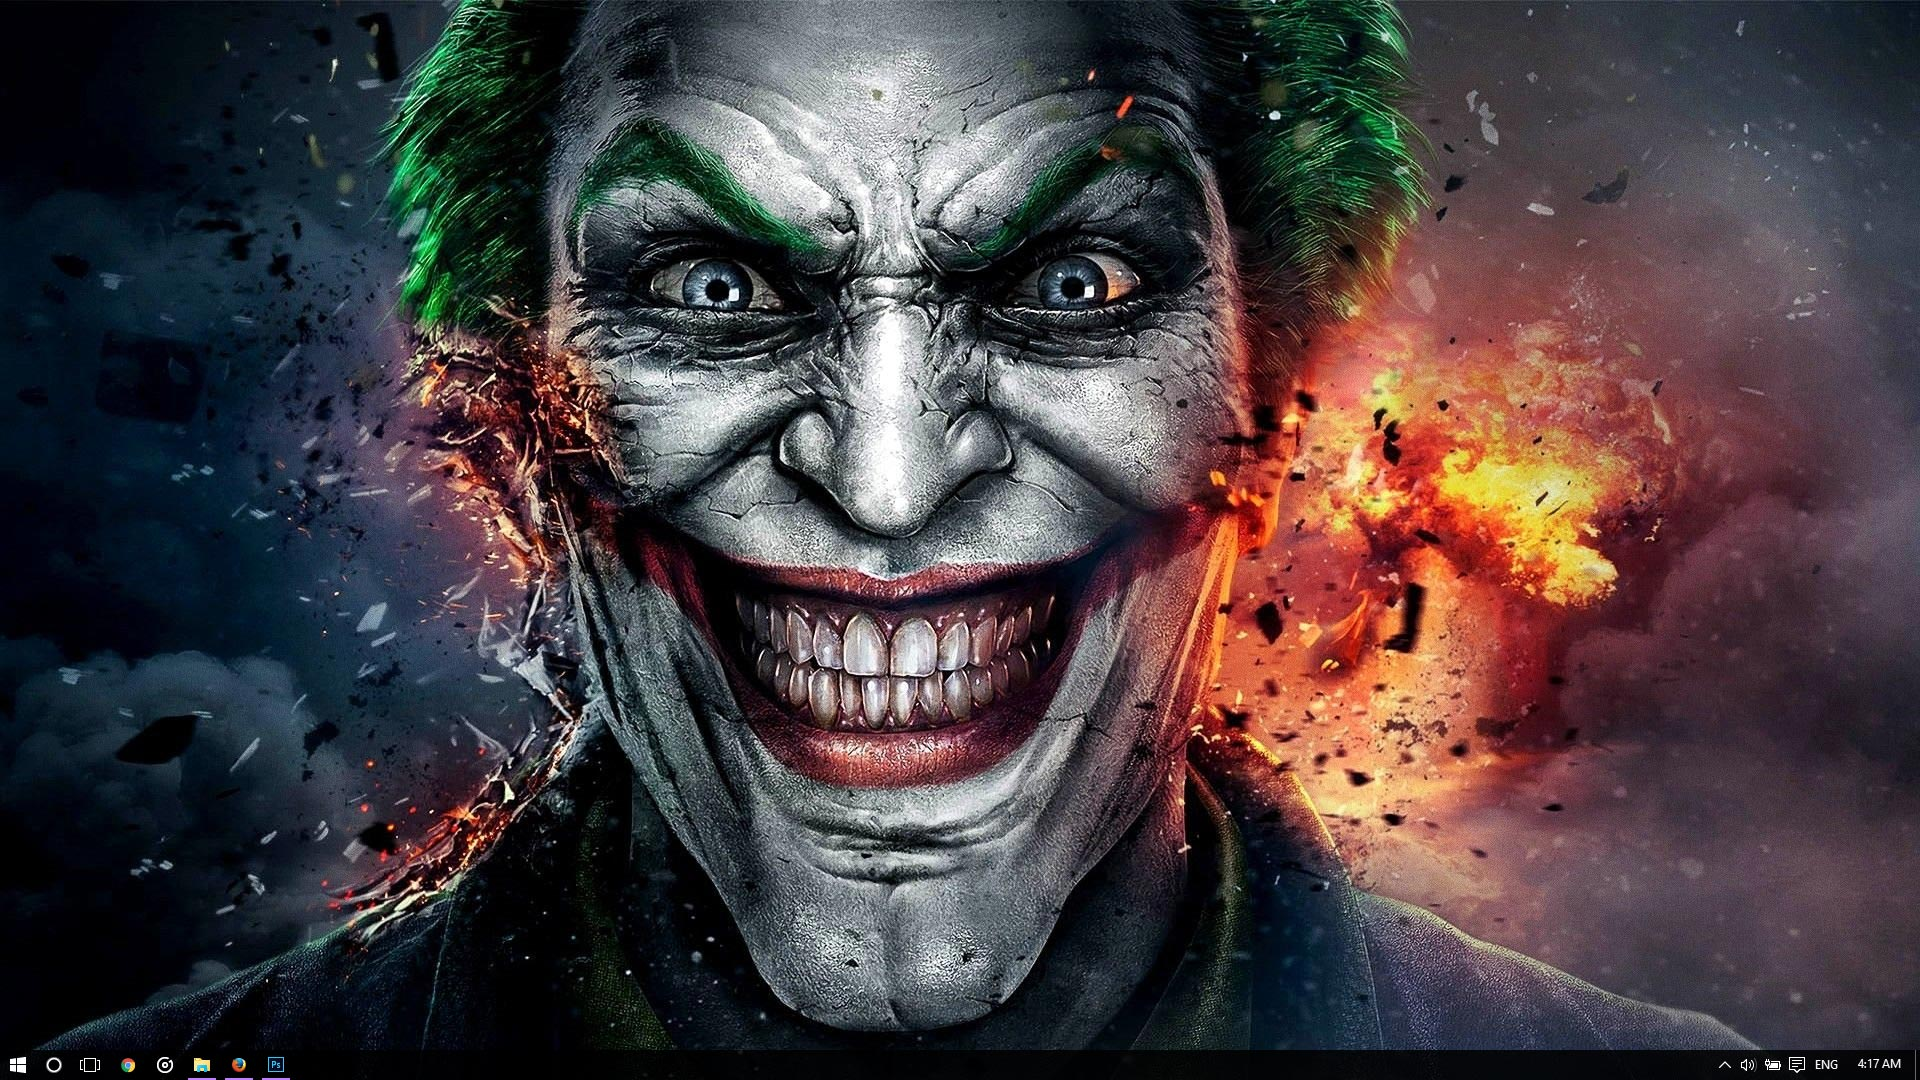 Joker Theme For Windows 10 8 7